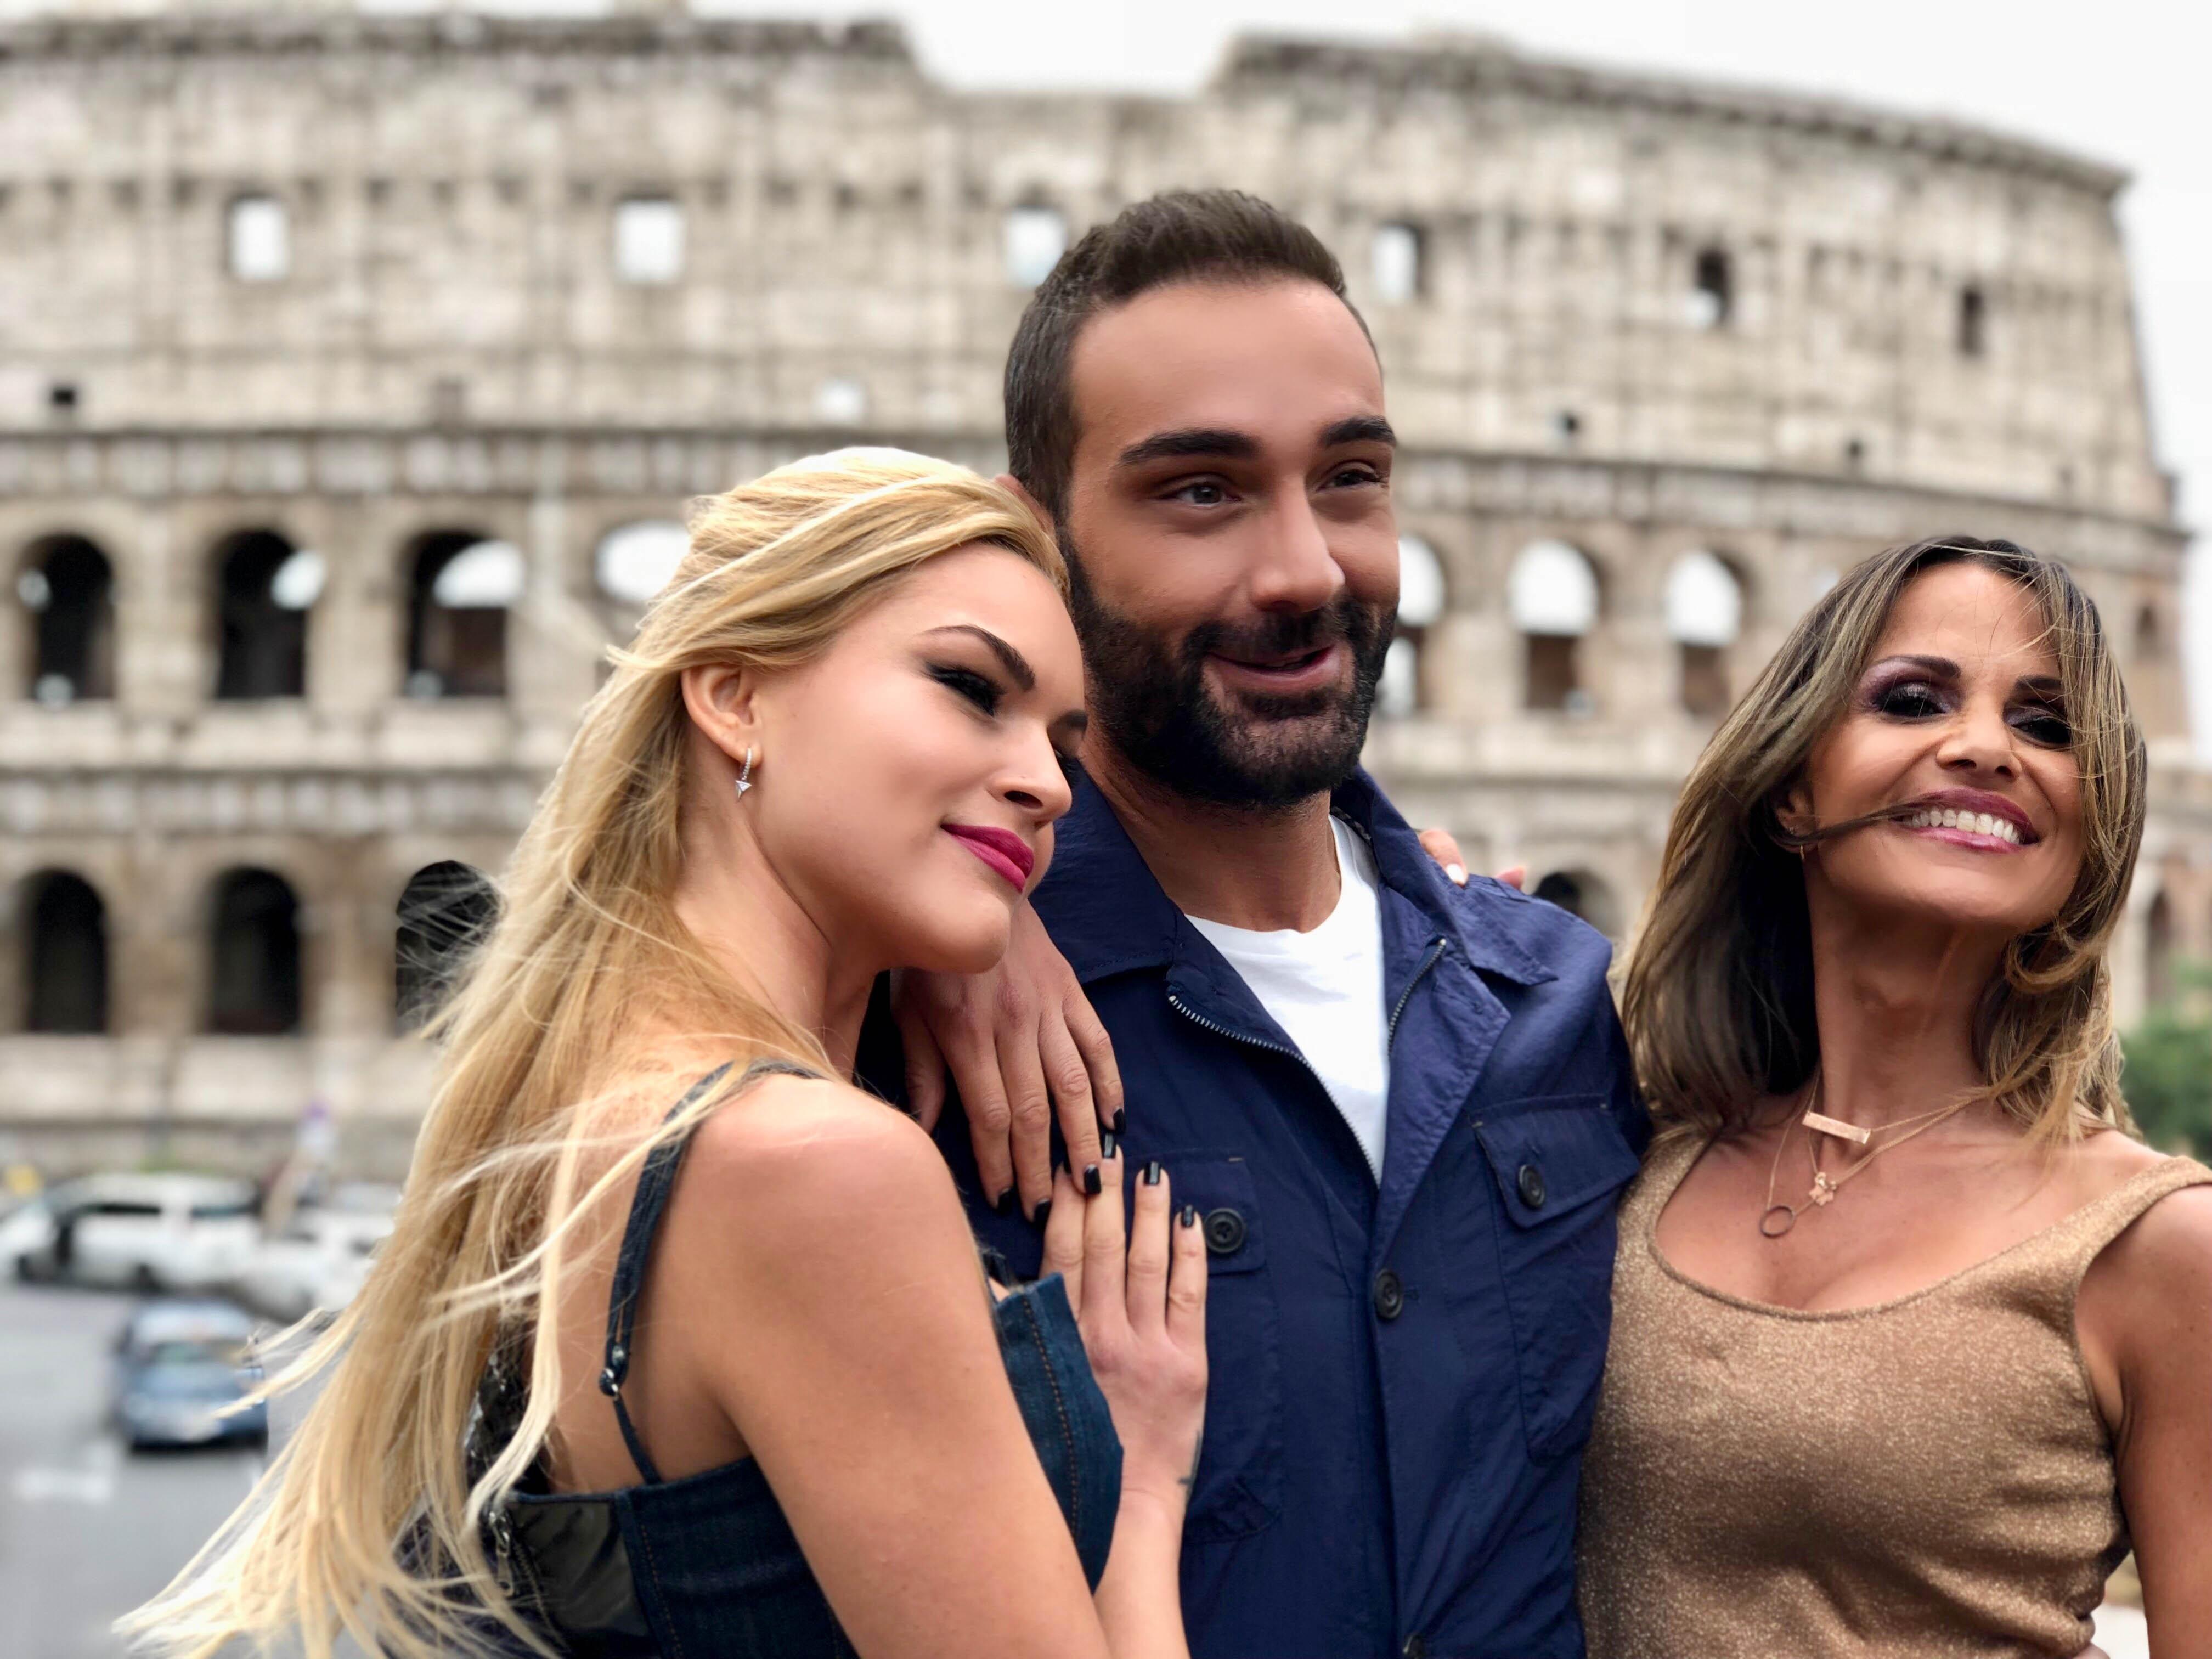 Celebrity Travel: Το ταξίδι στην Ρώμη με την Βίκυ Κάβουρα και την Σόφη Πασχάλη συνεχίζεται!